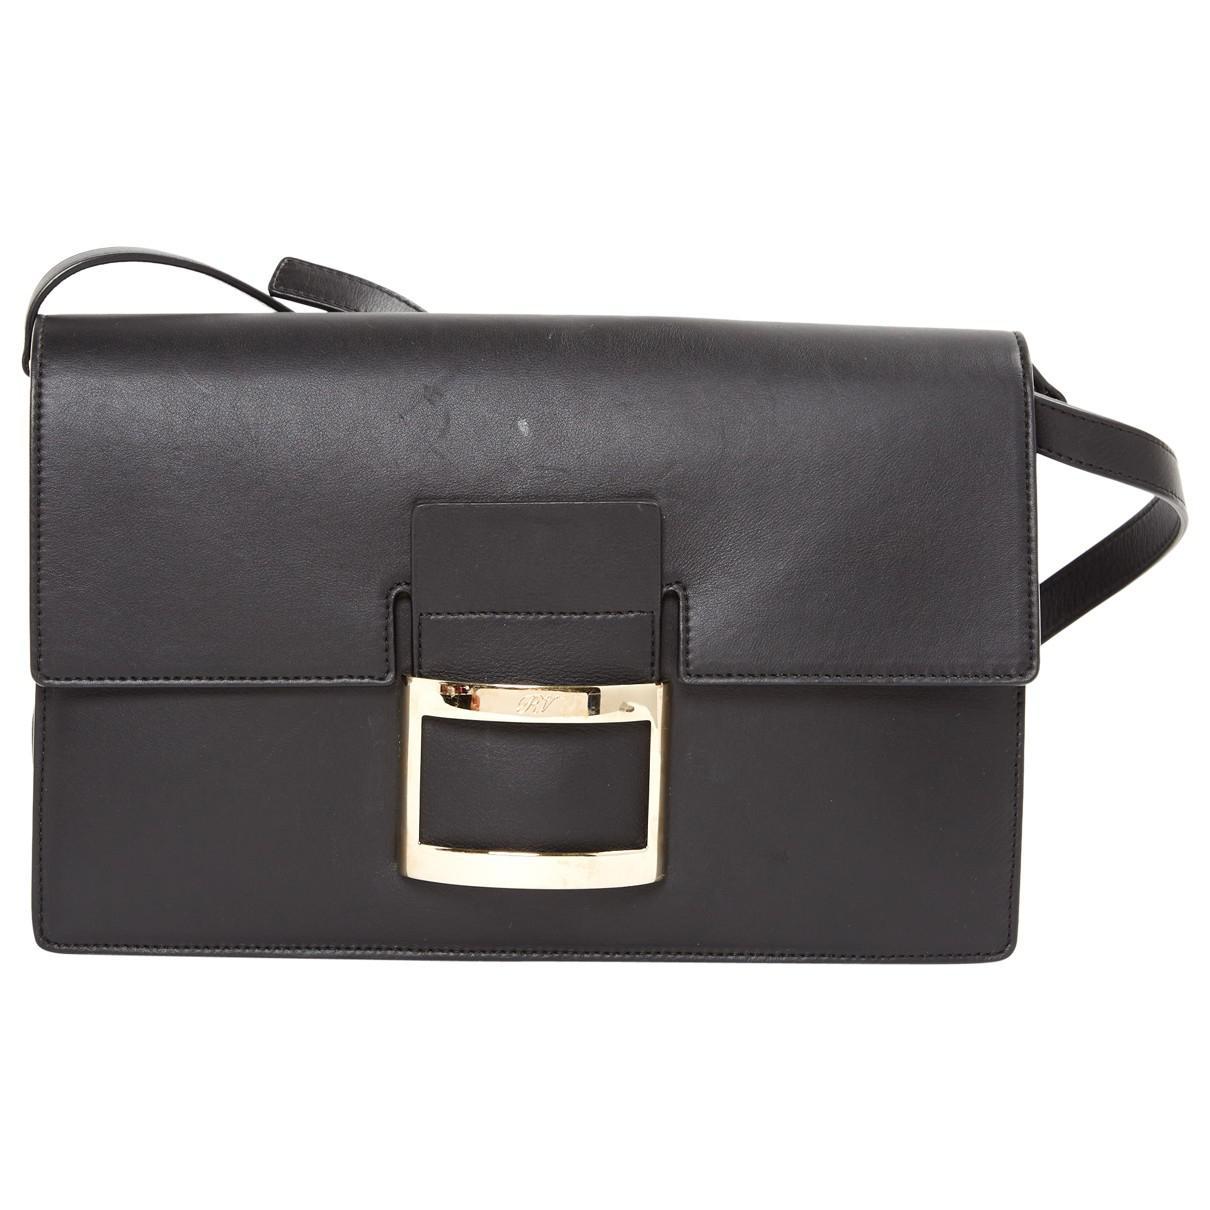 Roger Vivier Pre-owned - Black Leather Handbag LG5oSPvKWS